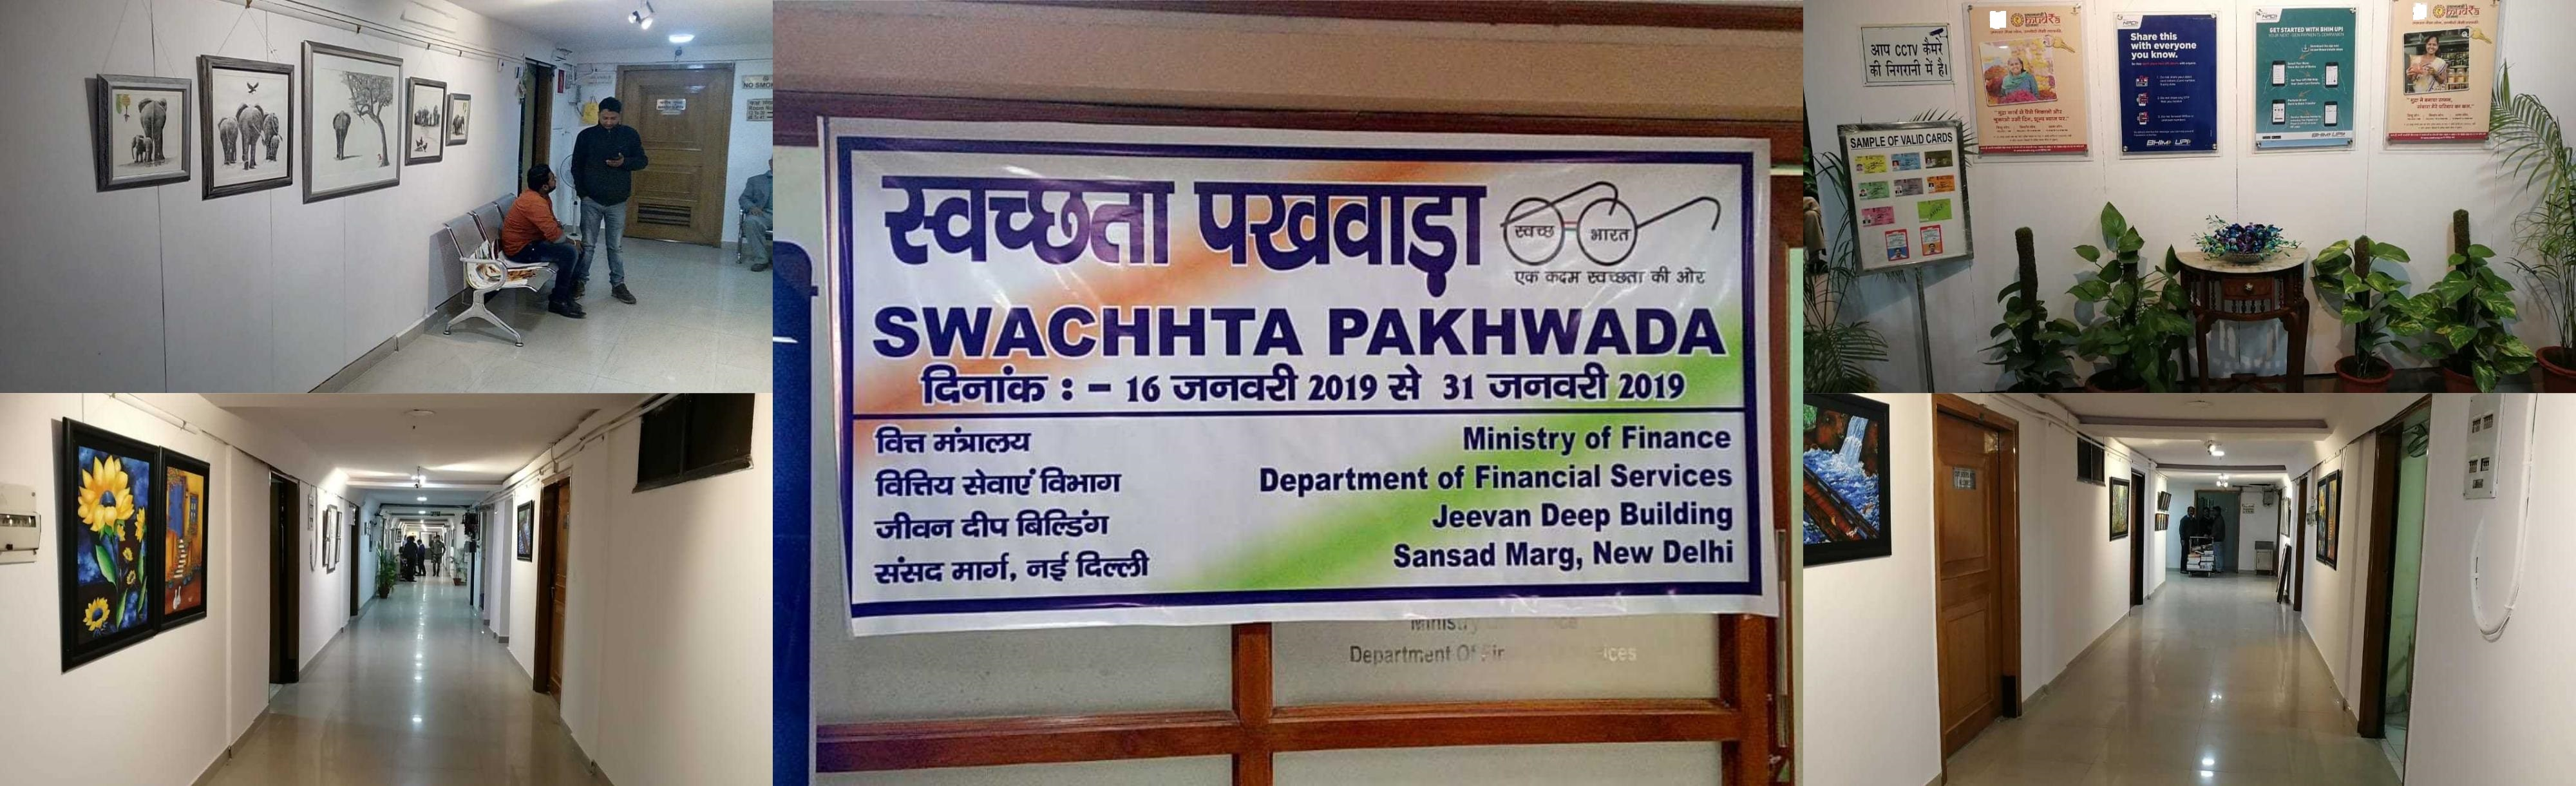 Swachata Pakhwada 2019